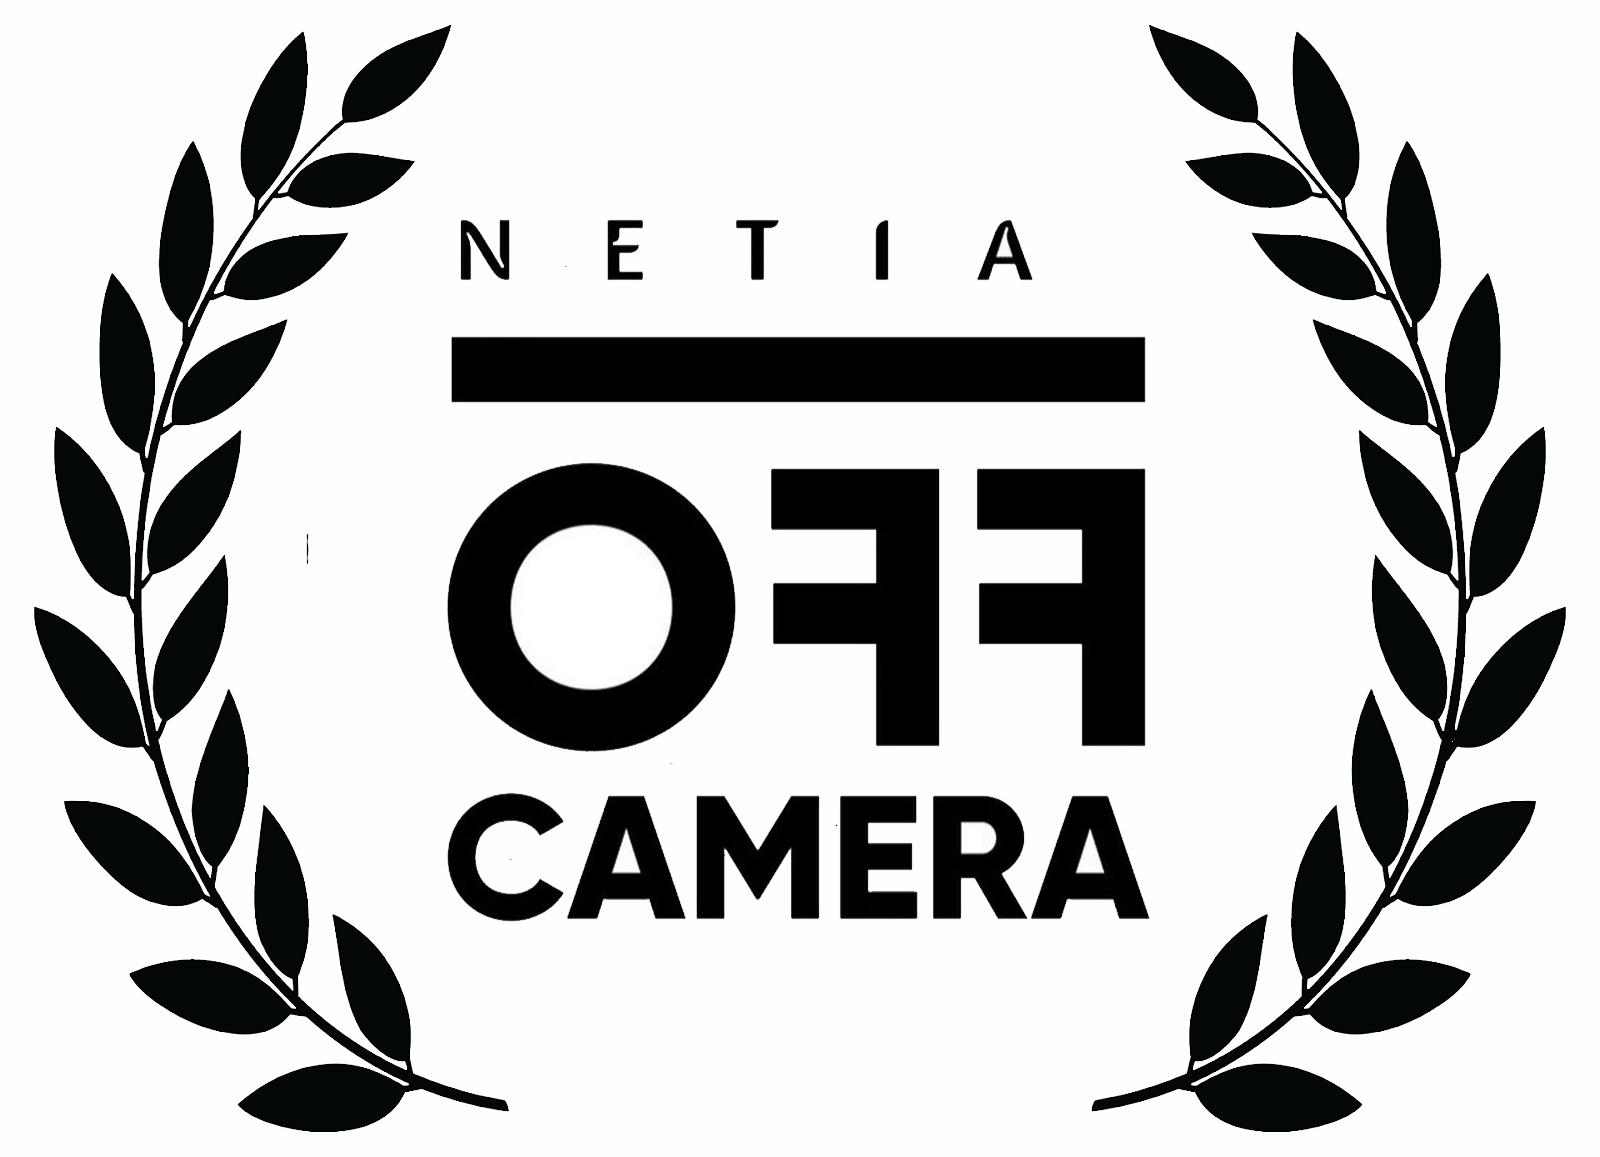 Netia_OffCamera_Laurels.png